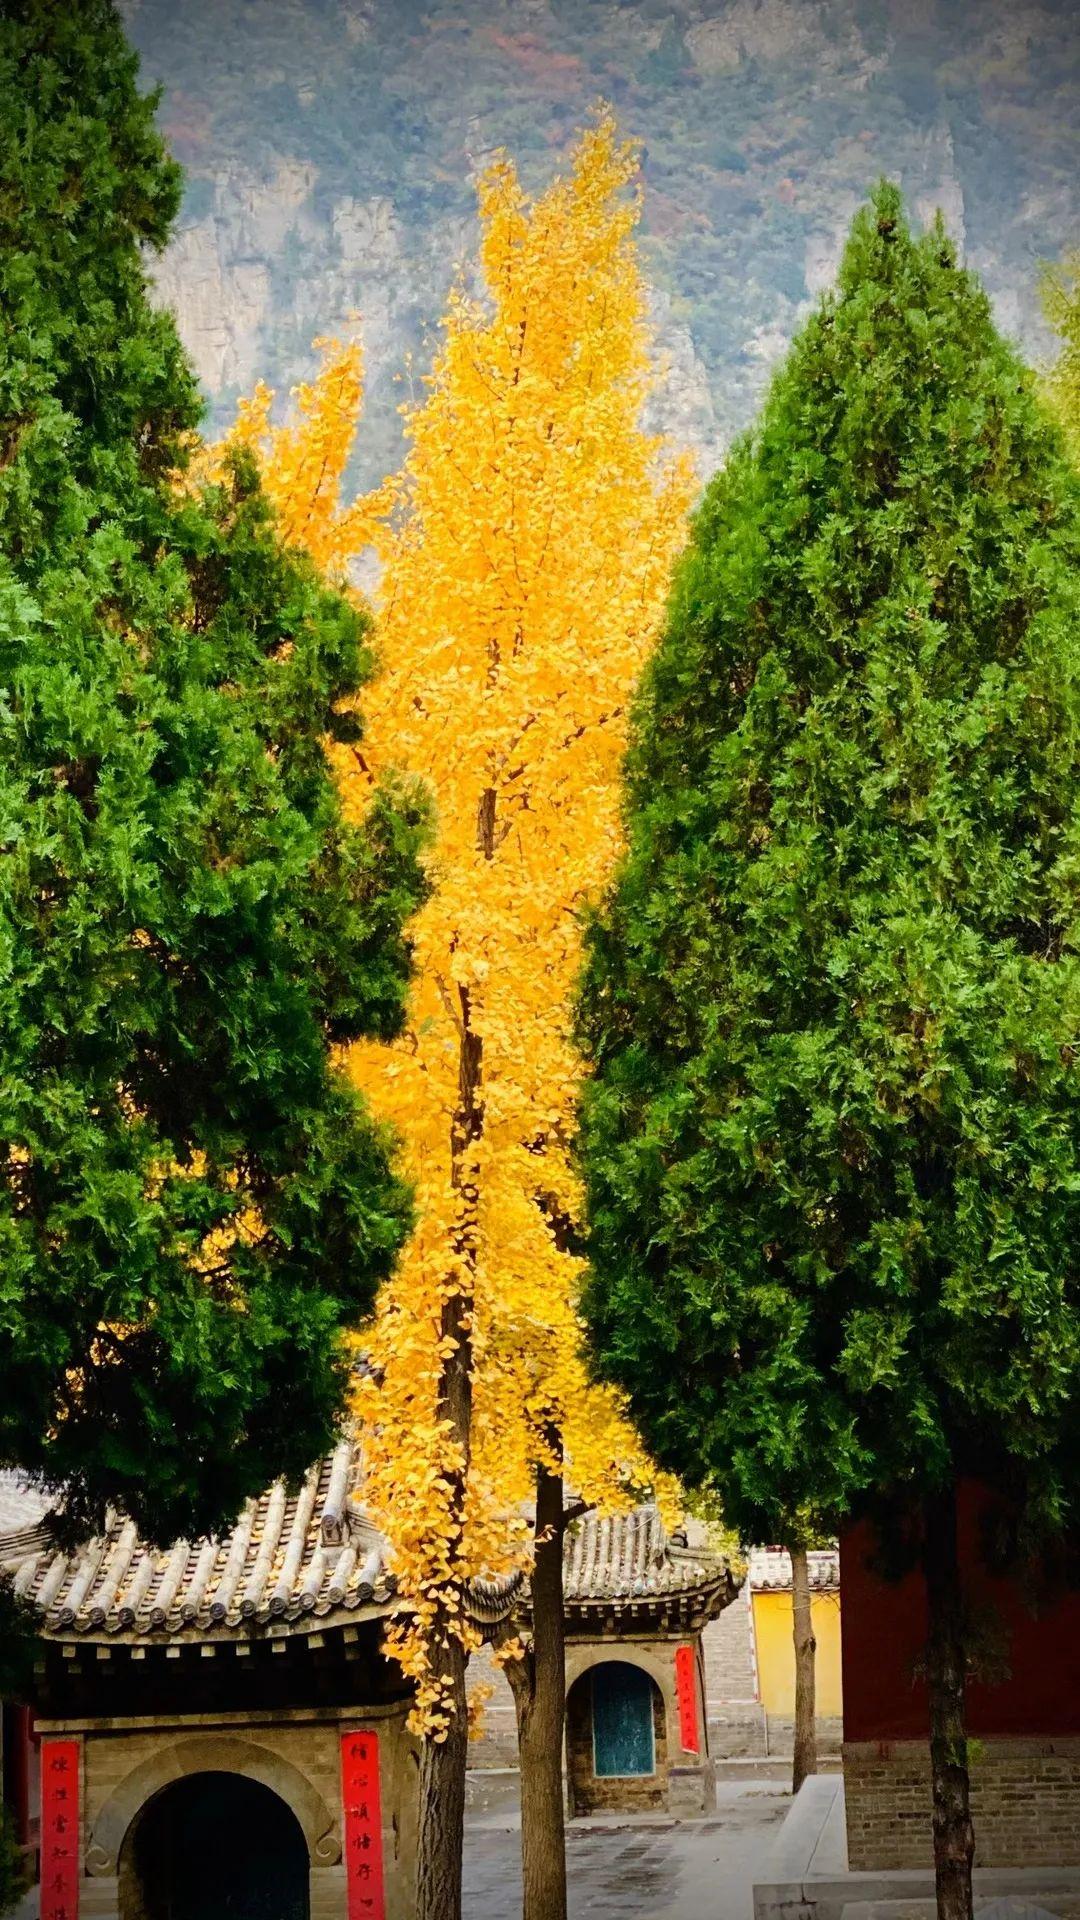 一叶知秋 来巩义邂逅一场秋天的童话吧